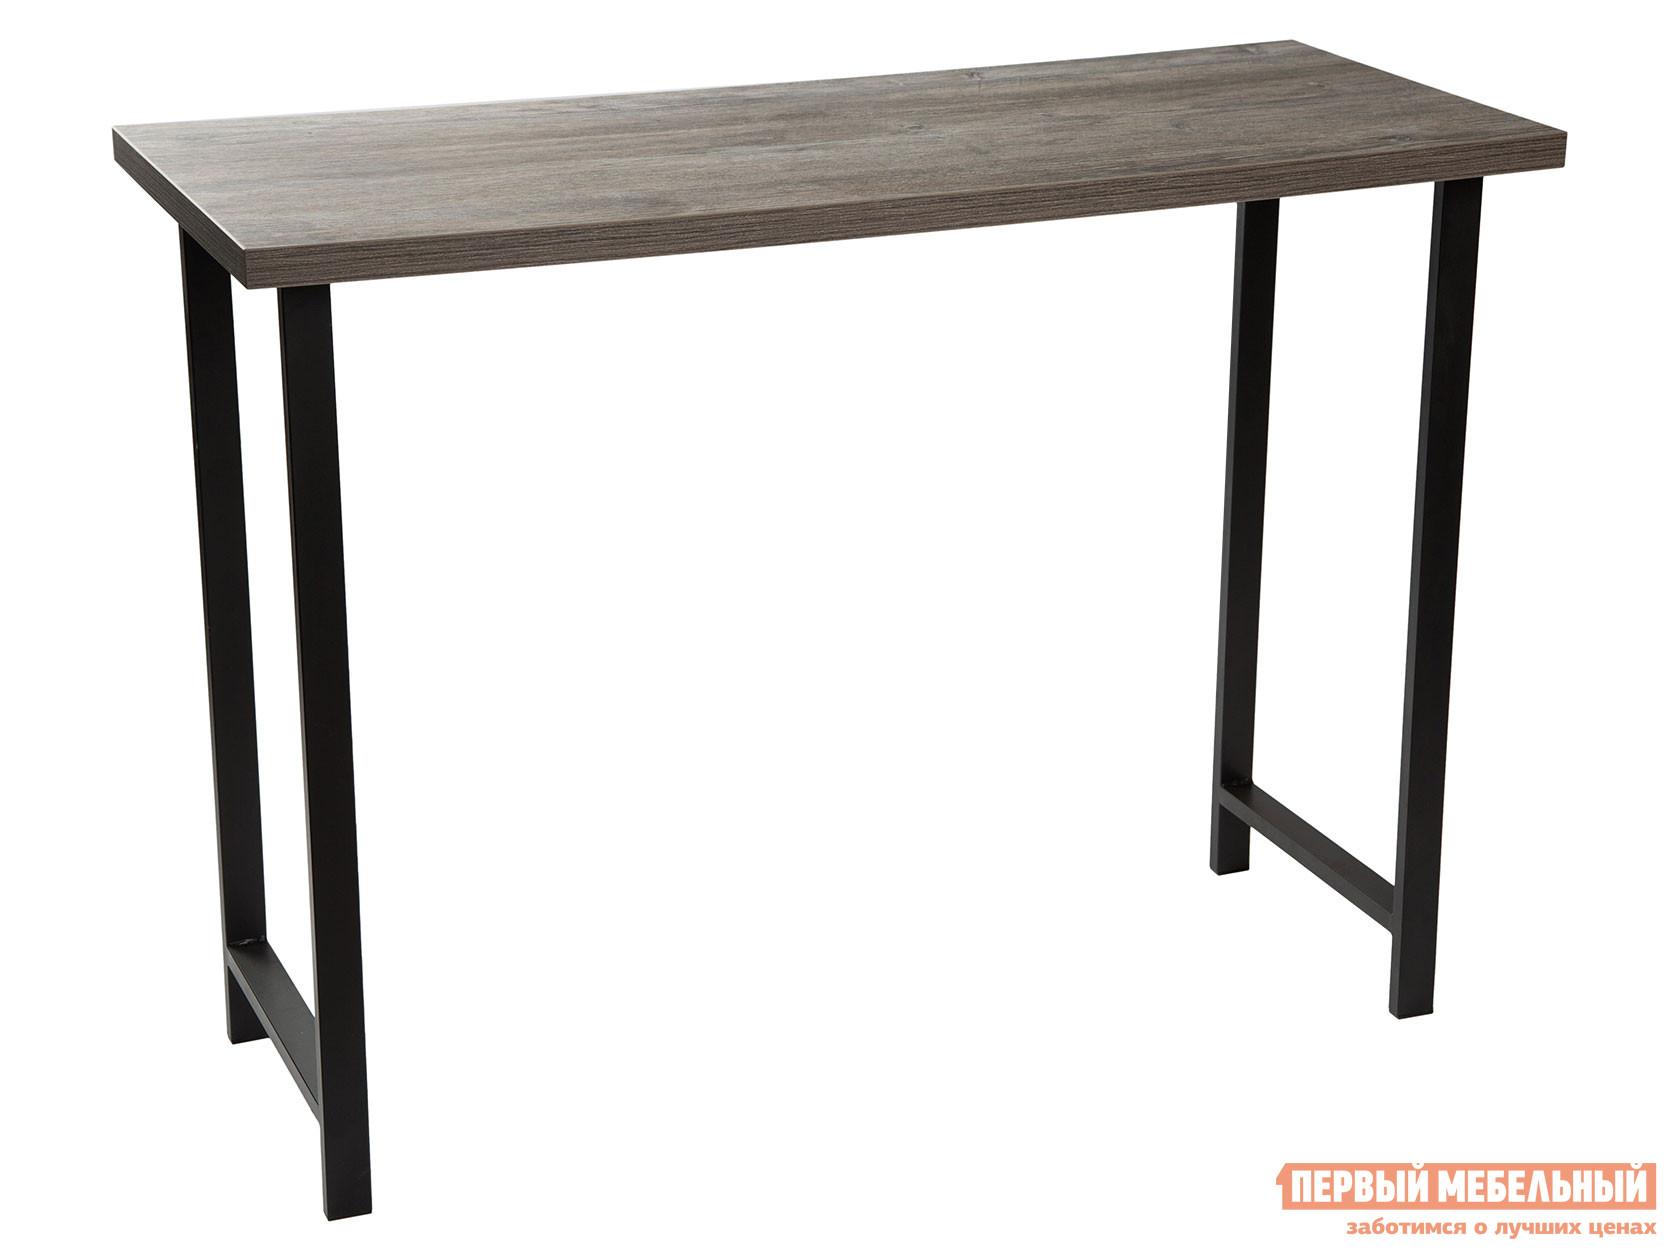 Барный стол Линоторг DP-010204501 Стол ДП1-02-04 1200*500*880 М94 Стол-консоль ЛДСП